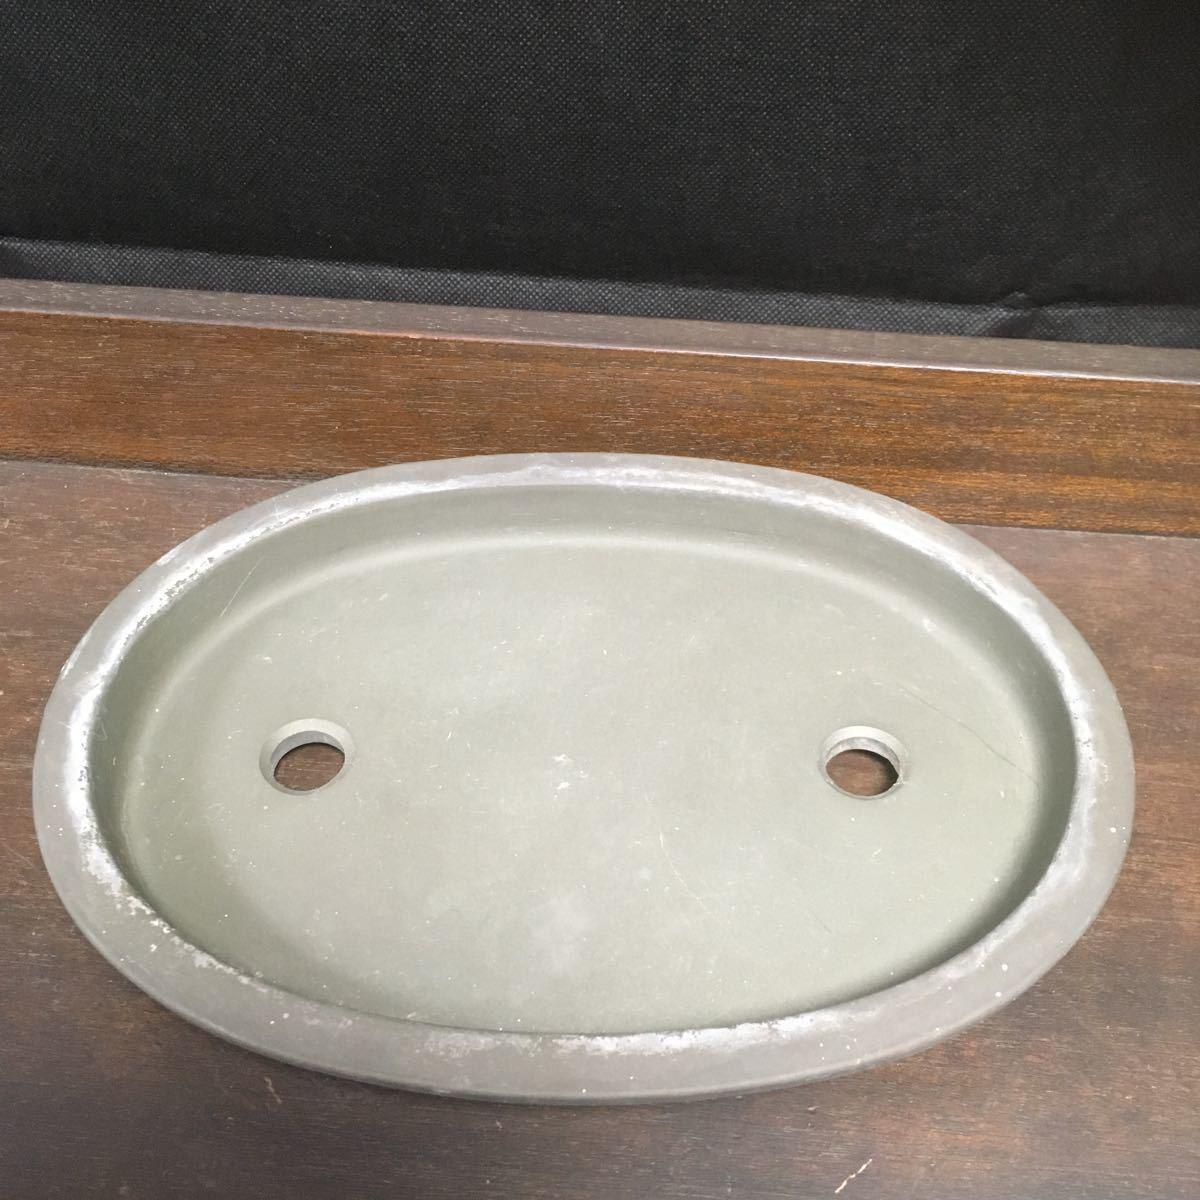 盆栽鉢 鉢 在銘 陶器 朱泥 植木鉢 陶春 (971)_画像1